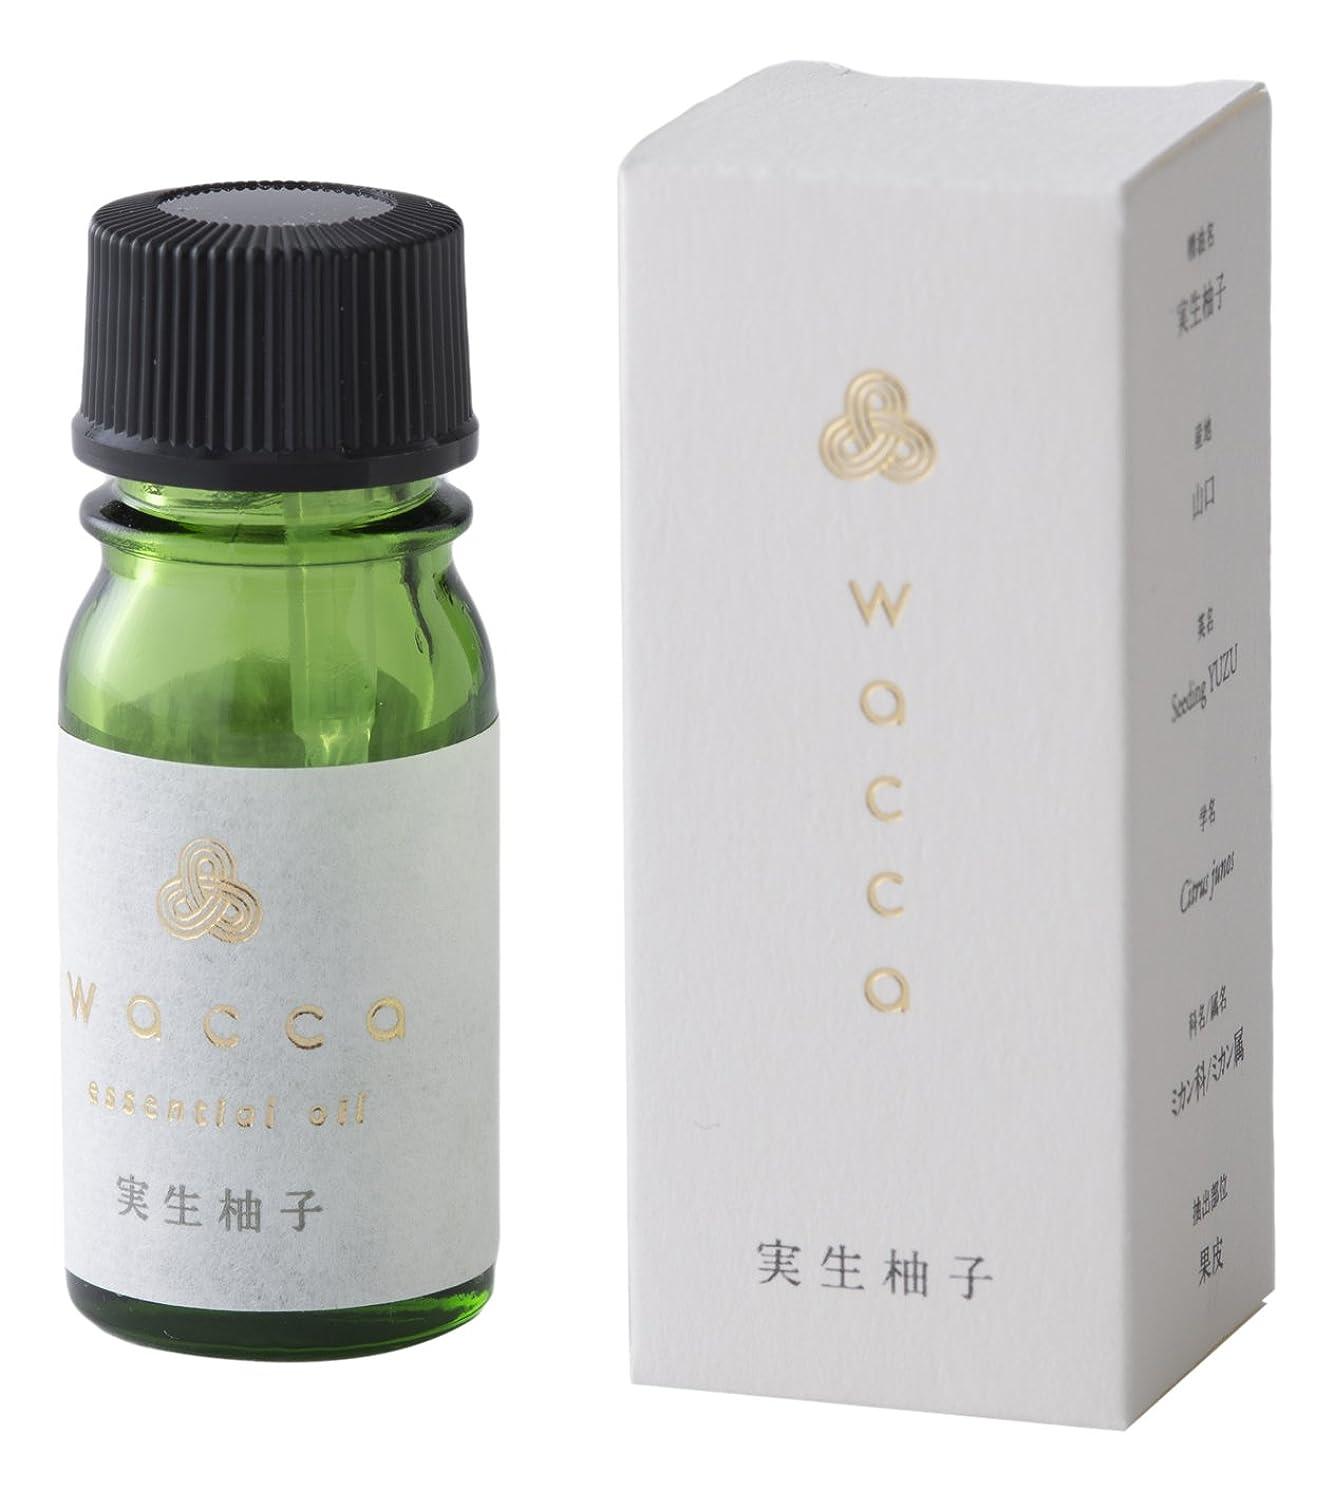 ファックス回復正確にwacca ワッカ エッセンシャルオイル 3ml 実生柚子 ミショウユズ seedling yuzu essential oil 和精油 KUSU HANDMADE